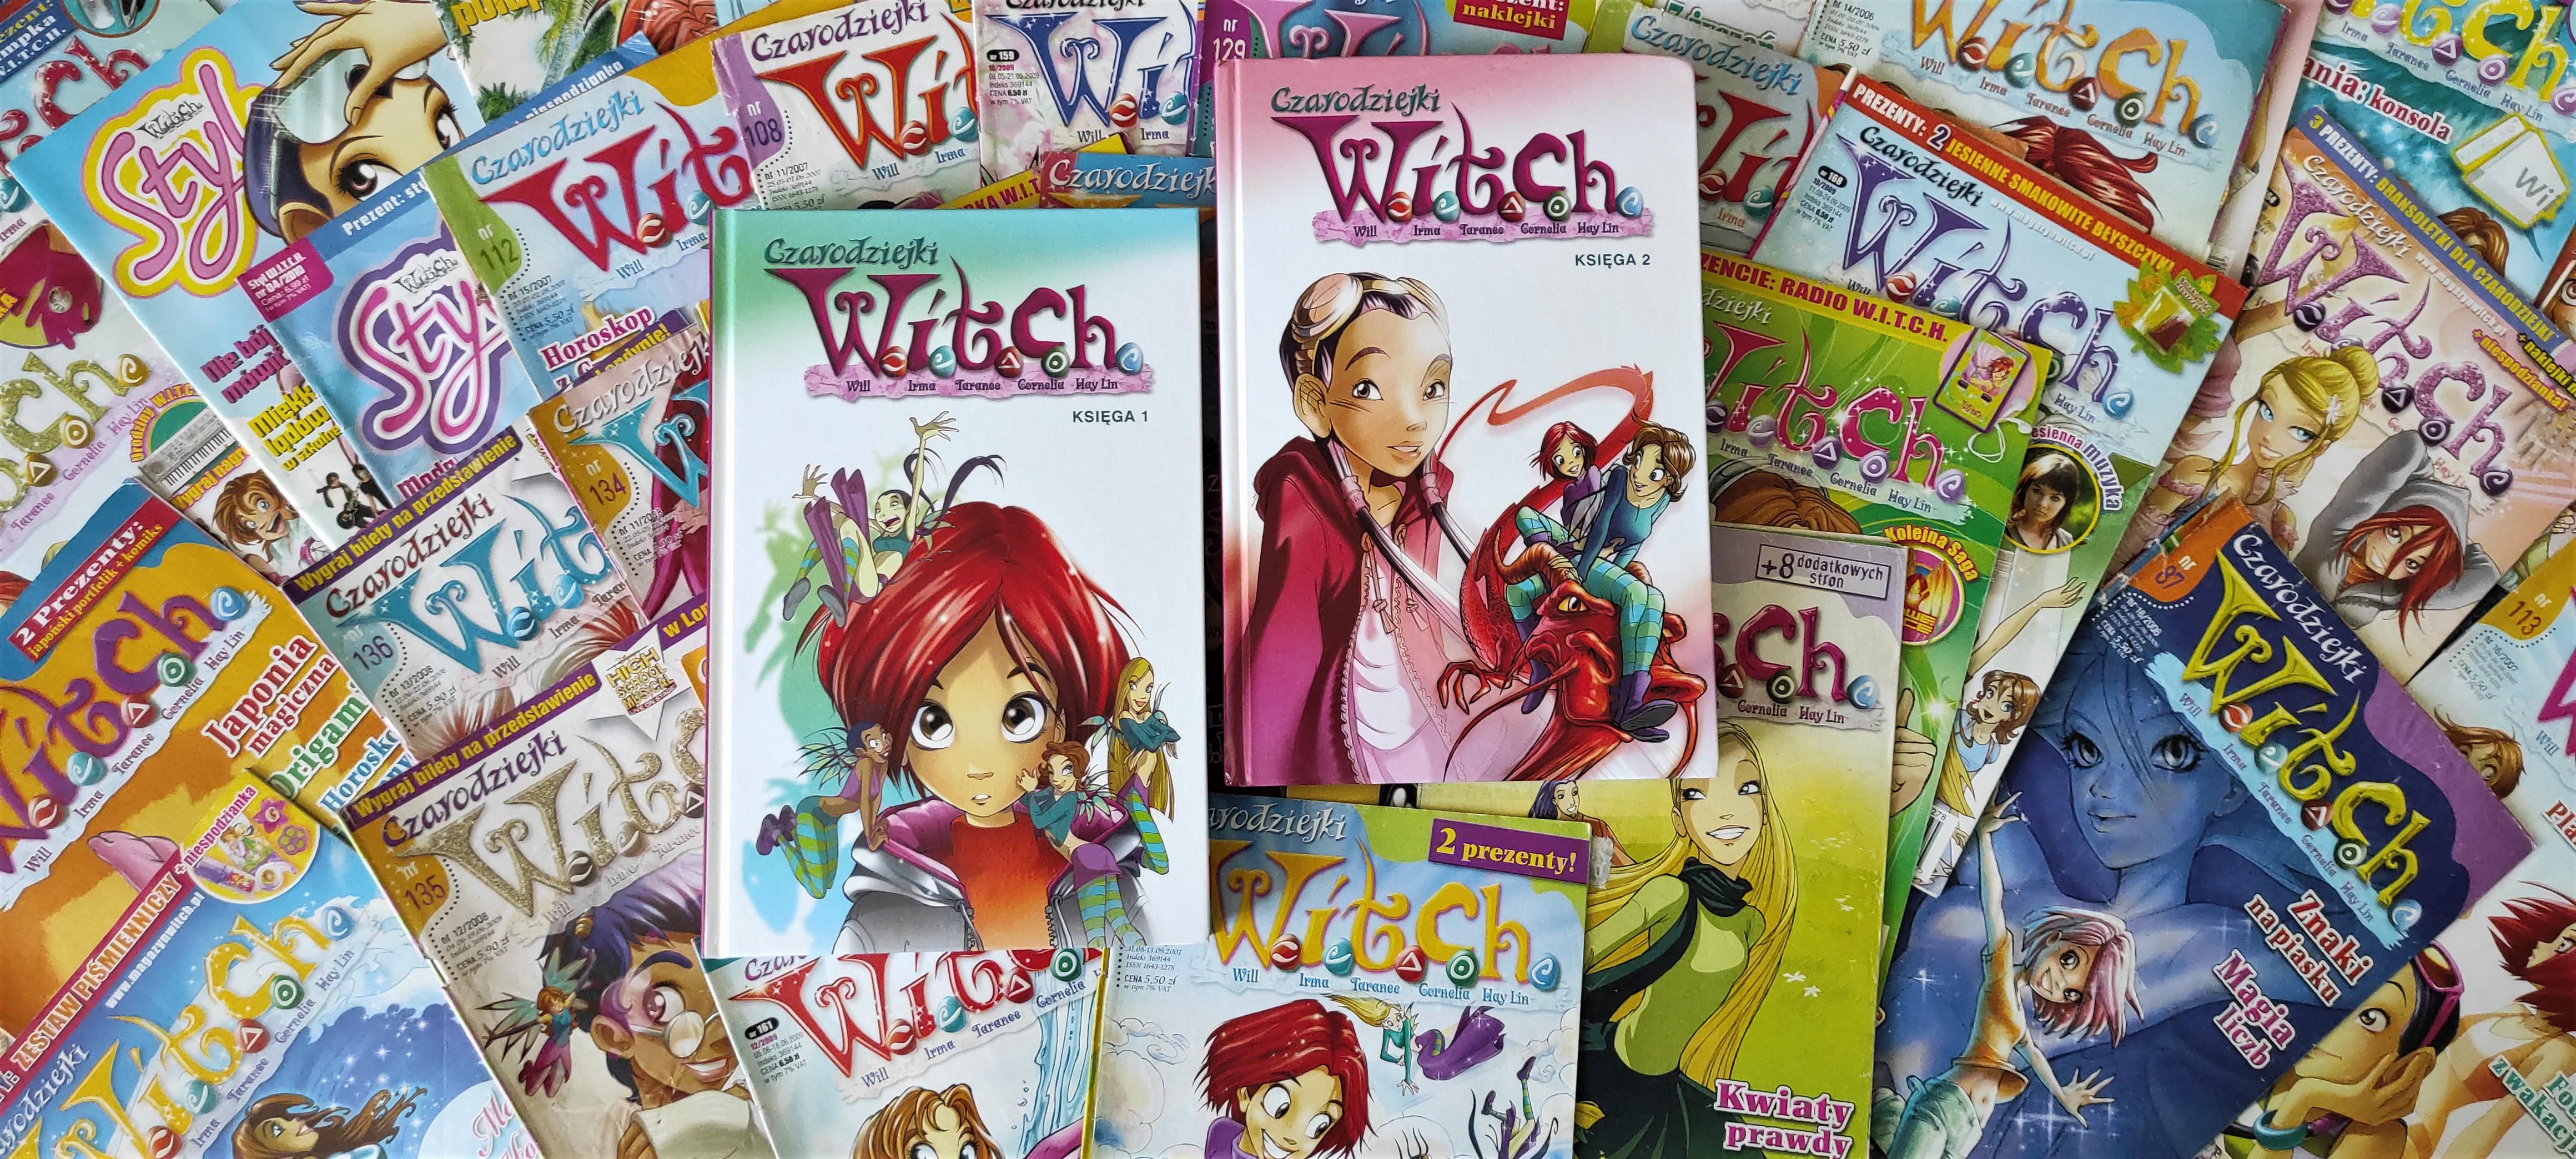 W.I.T.C.H - czy komiks z dzieciństwa przetrwał próbę czasu i rozkocha w sobie dorosłego czytelnika?